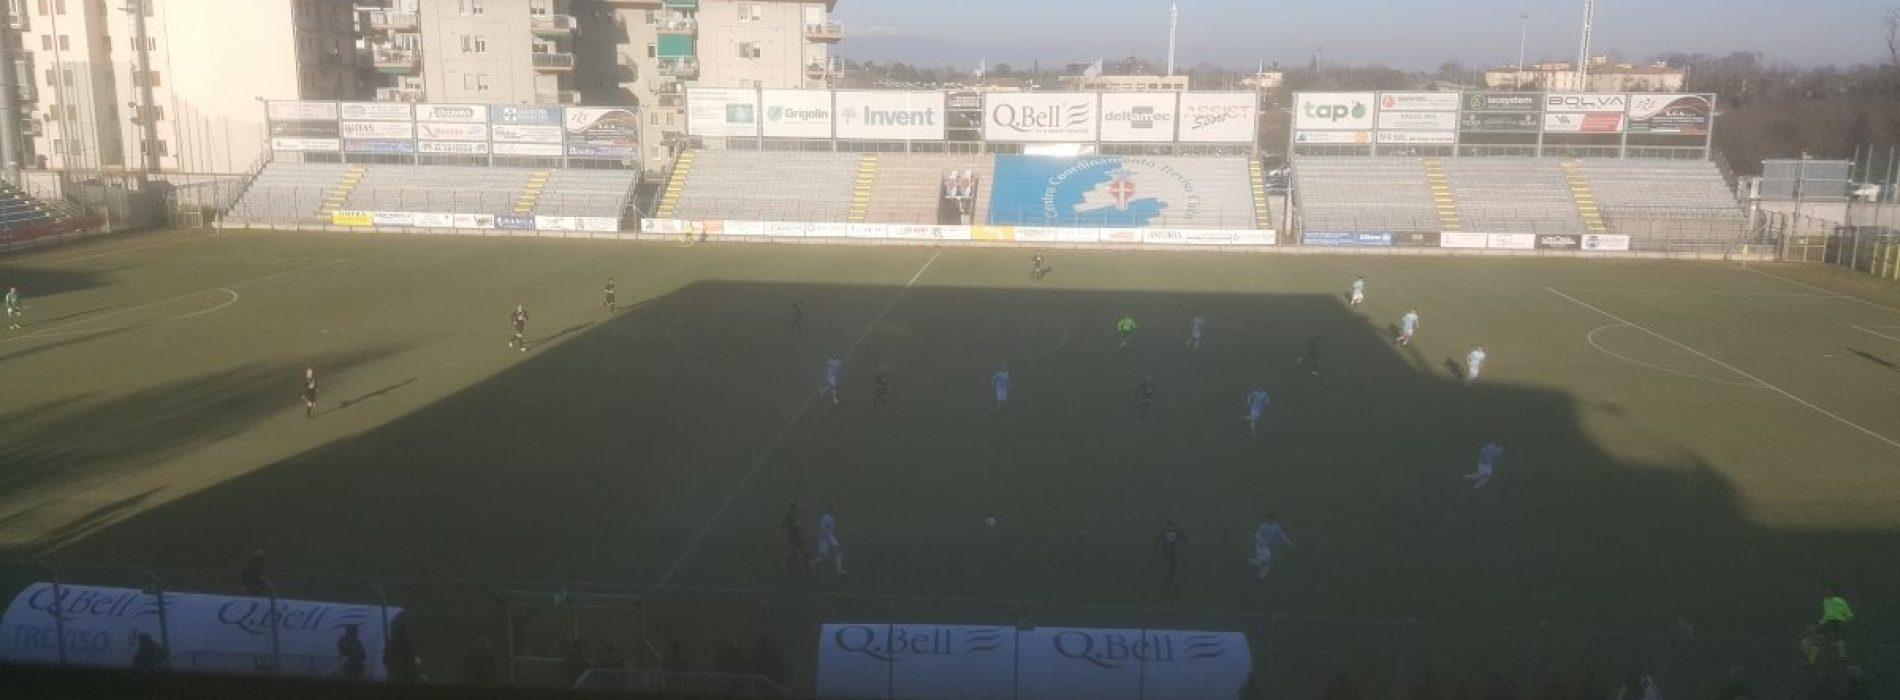 Treviso Vedelago, finisce 1-2 tra sfortuna e brutta prestazione